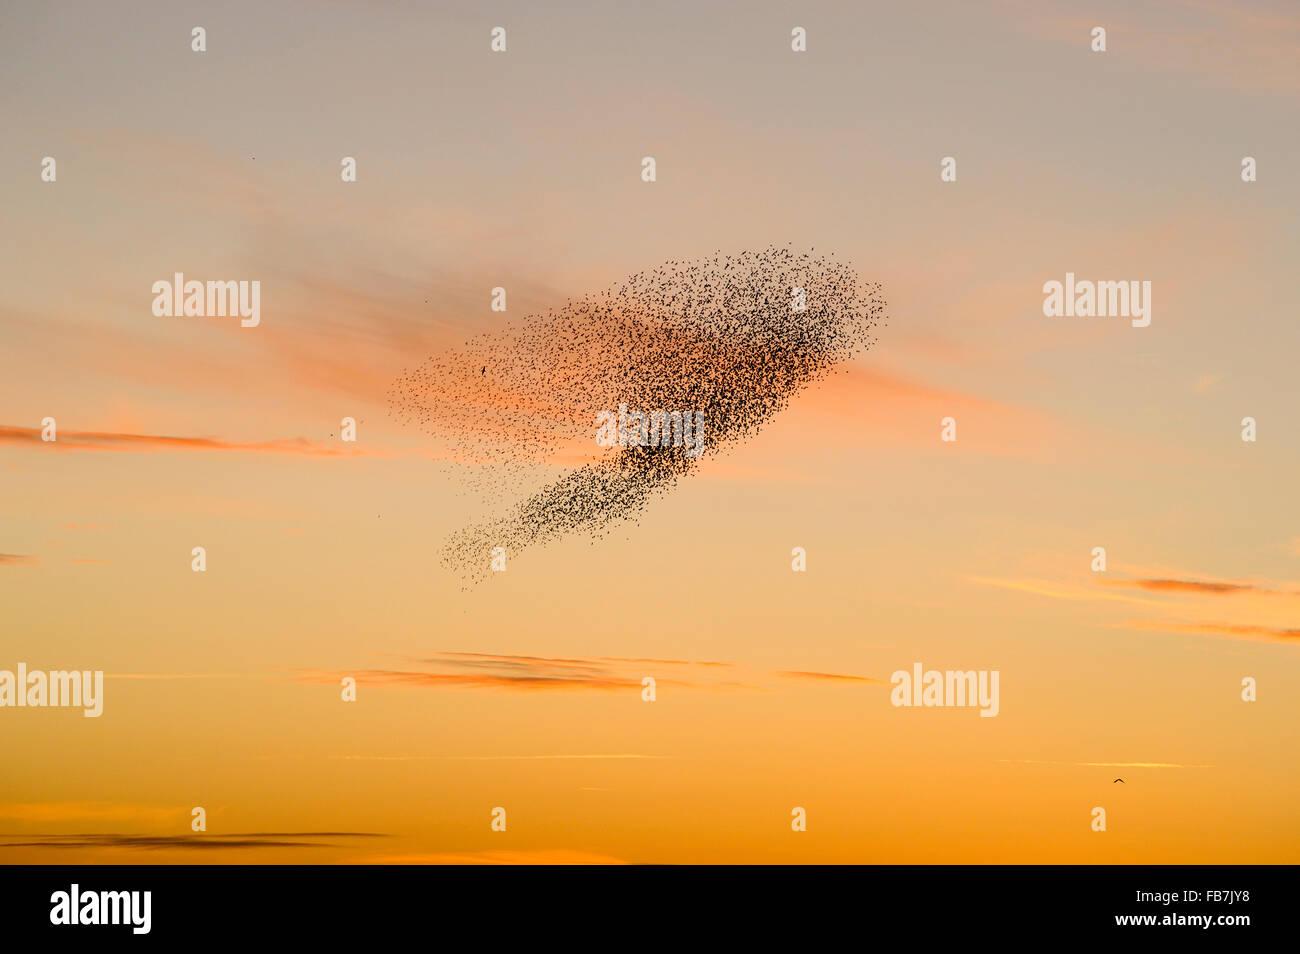 Rebaño estornino (Sturnus vulgaris) al atardecer, con el aguilucho lagunero y el halcón peregrino volar debajo de la grey. Foto de stock